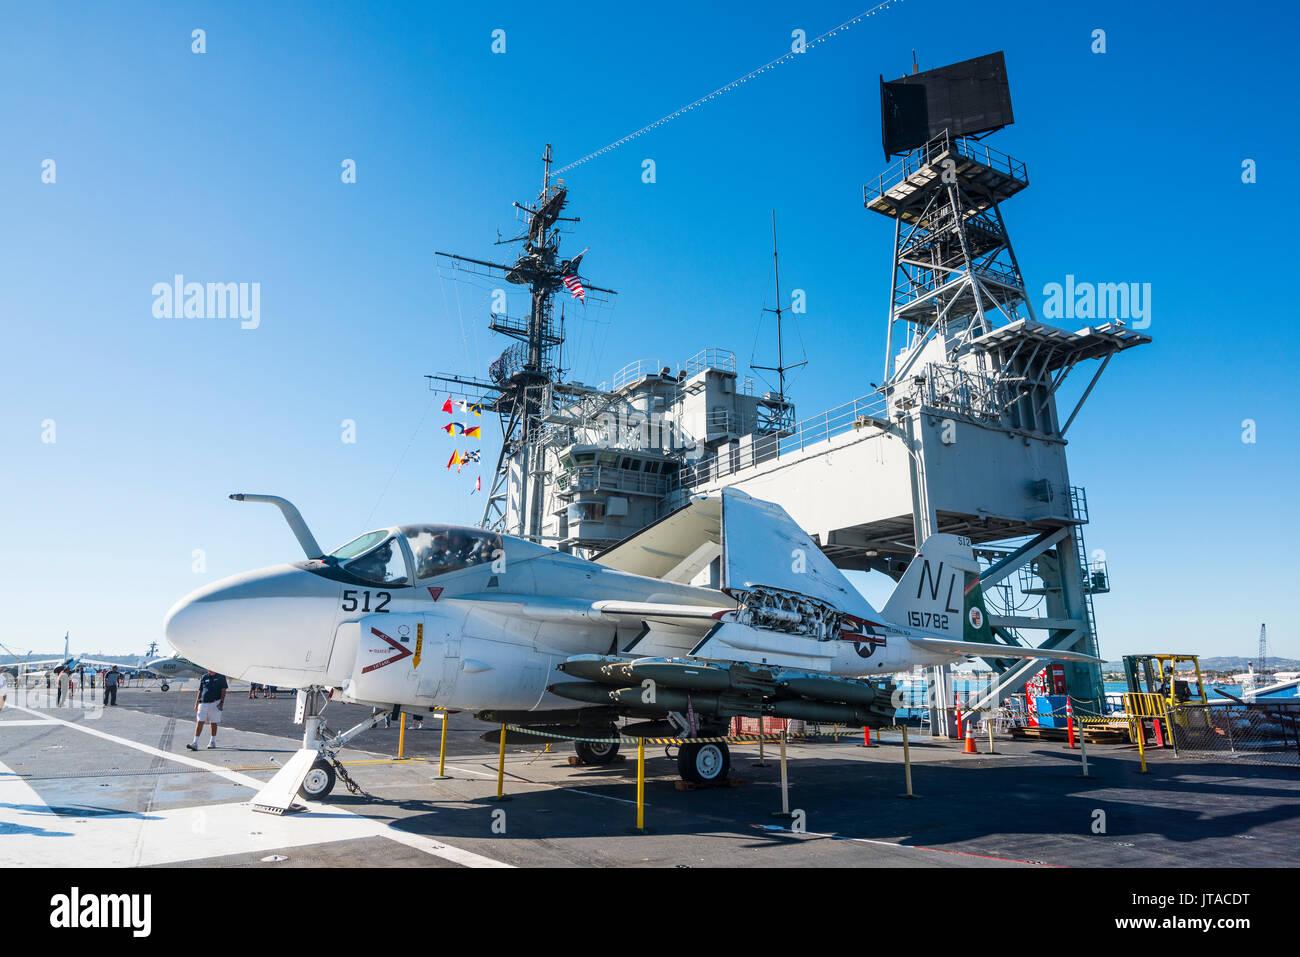 Jet da combattimento sul ponte della USS Midway Museum di San Diego, California, Stati Uniti d'America, America del Nord Immagini Stock